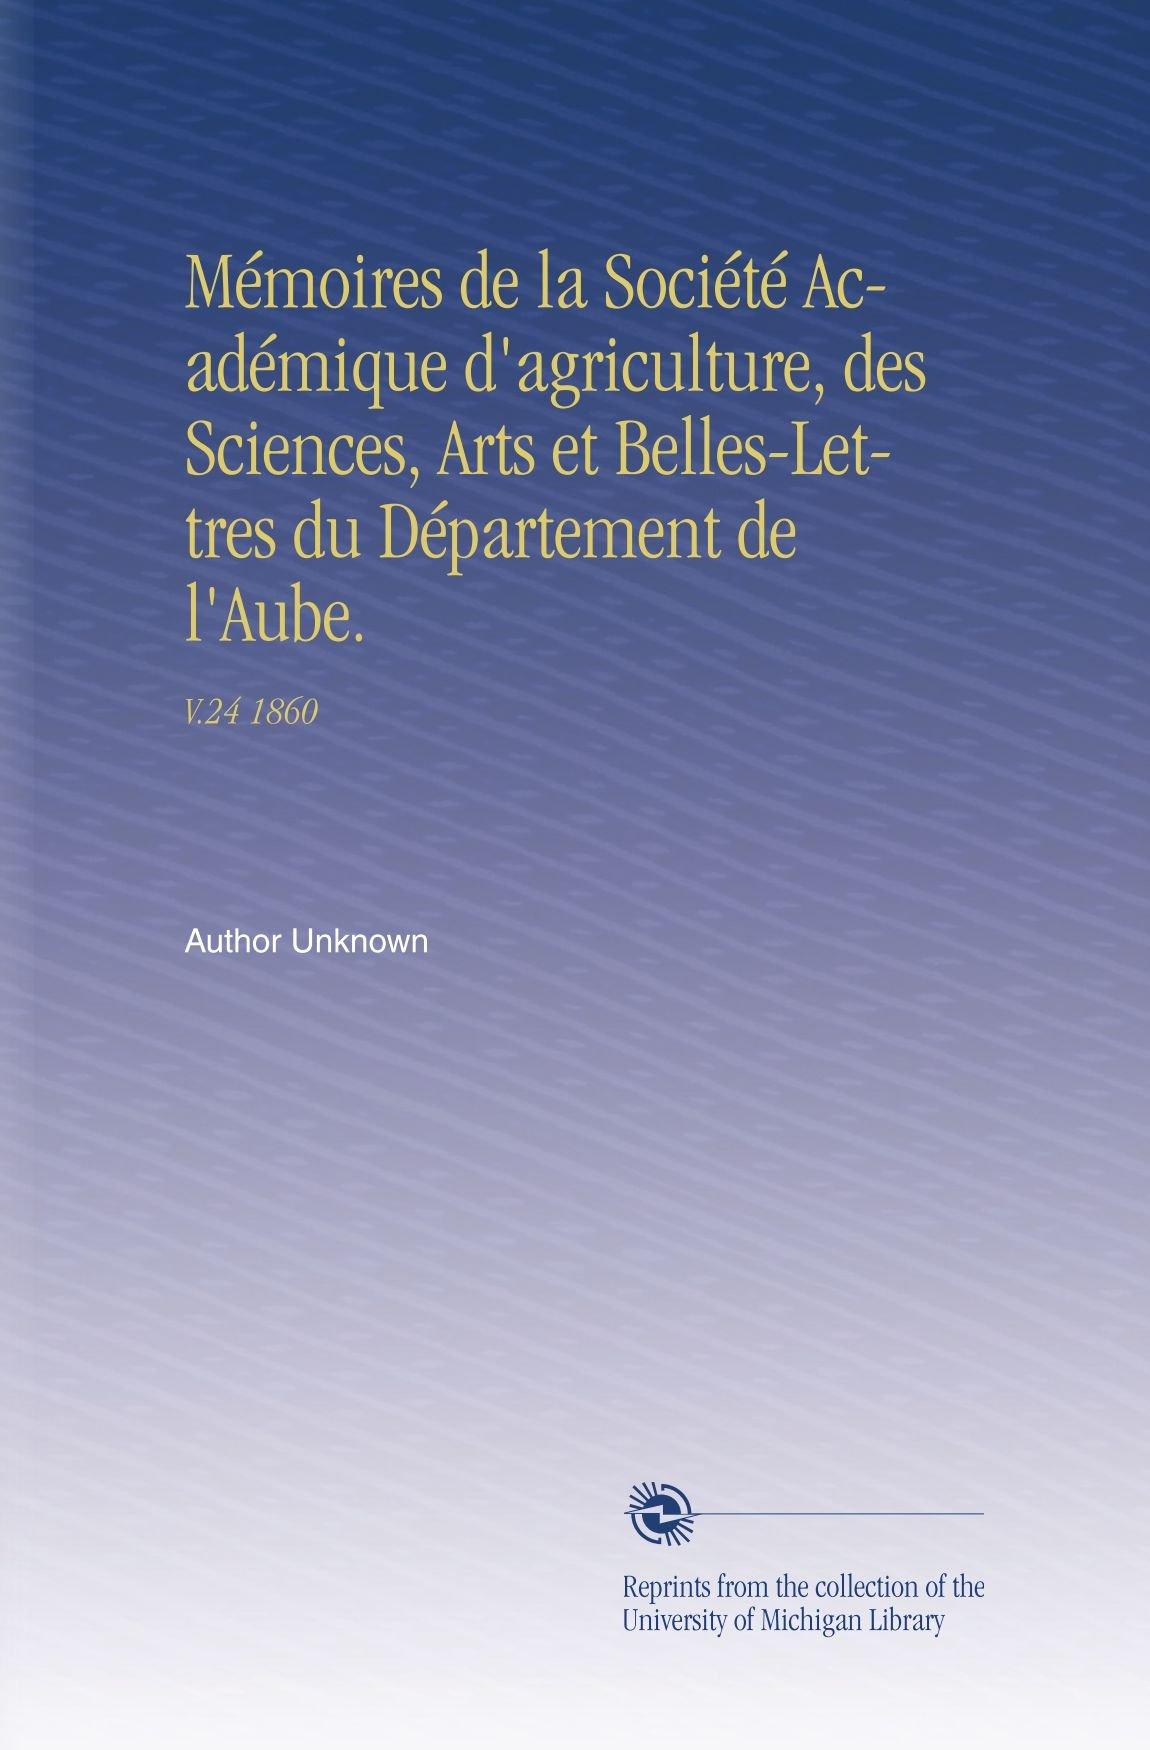 Download Mémoires de la Société Académique d'agriculture, des Sciences, Arts et Belles-Lettres du Département de l'Aube.: V.24 1860 (French Edition) pdf